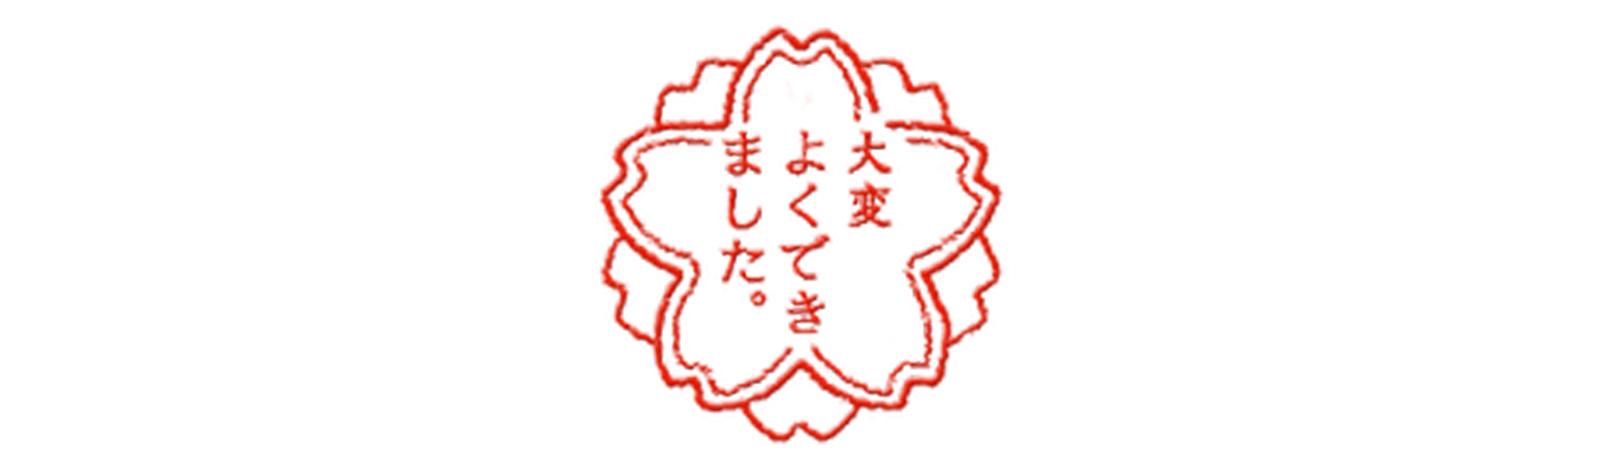 iOS: Weisse Blume